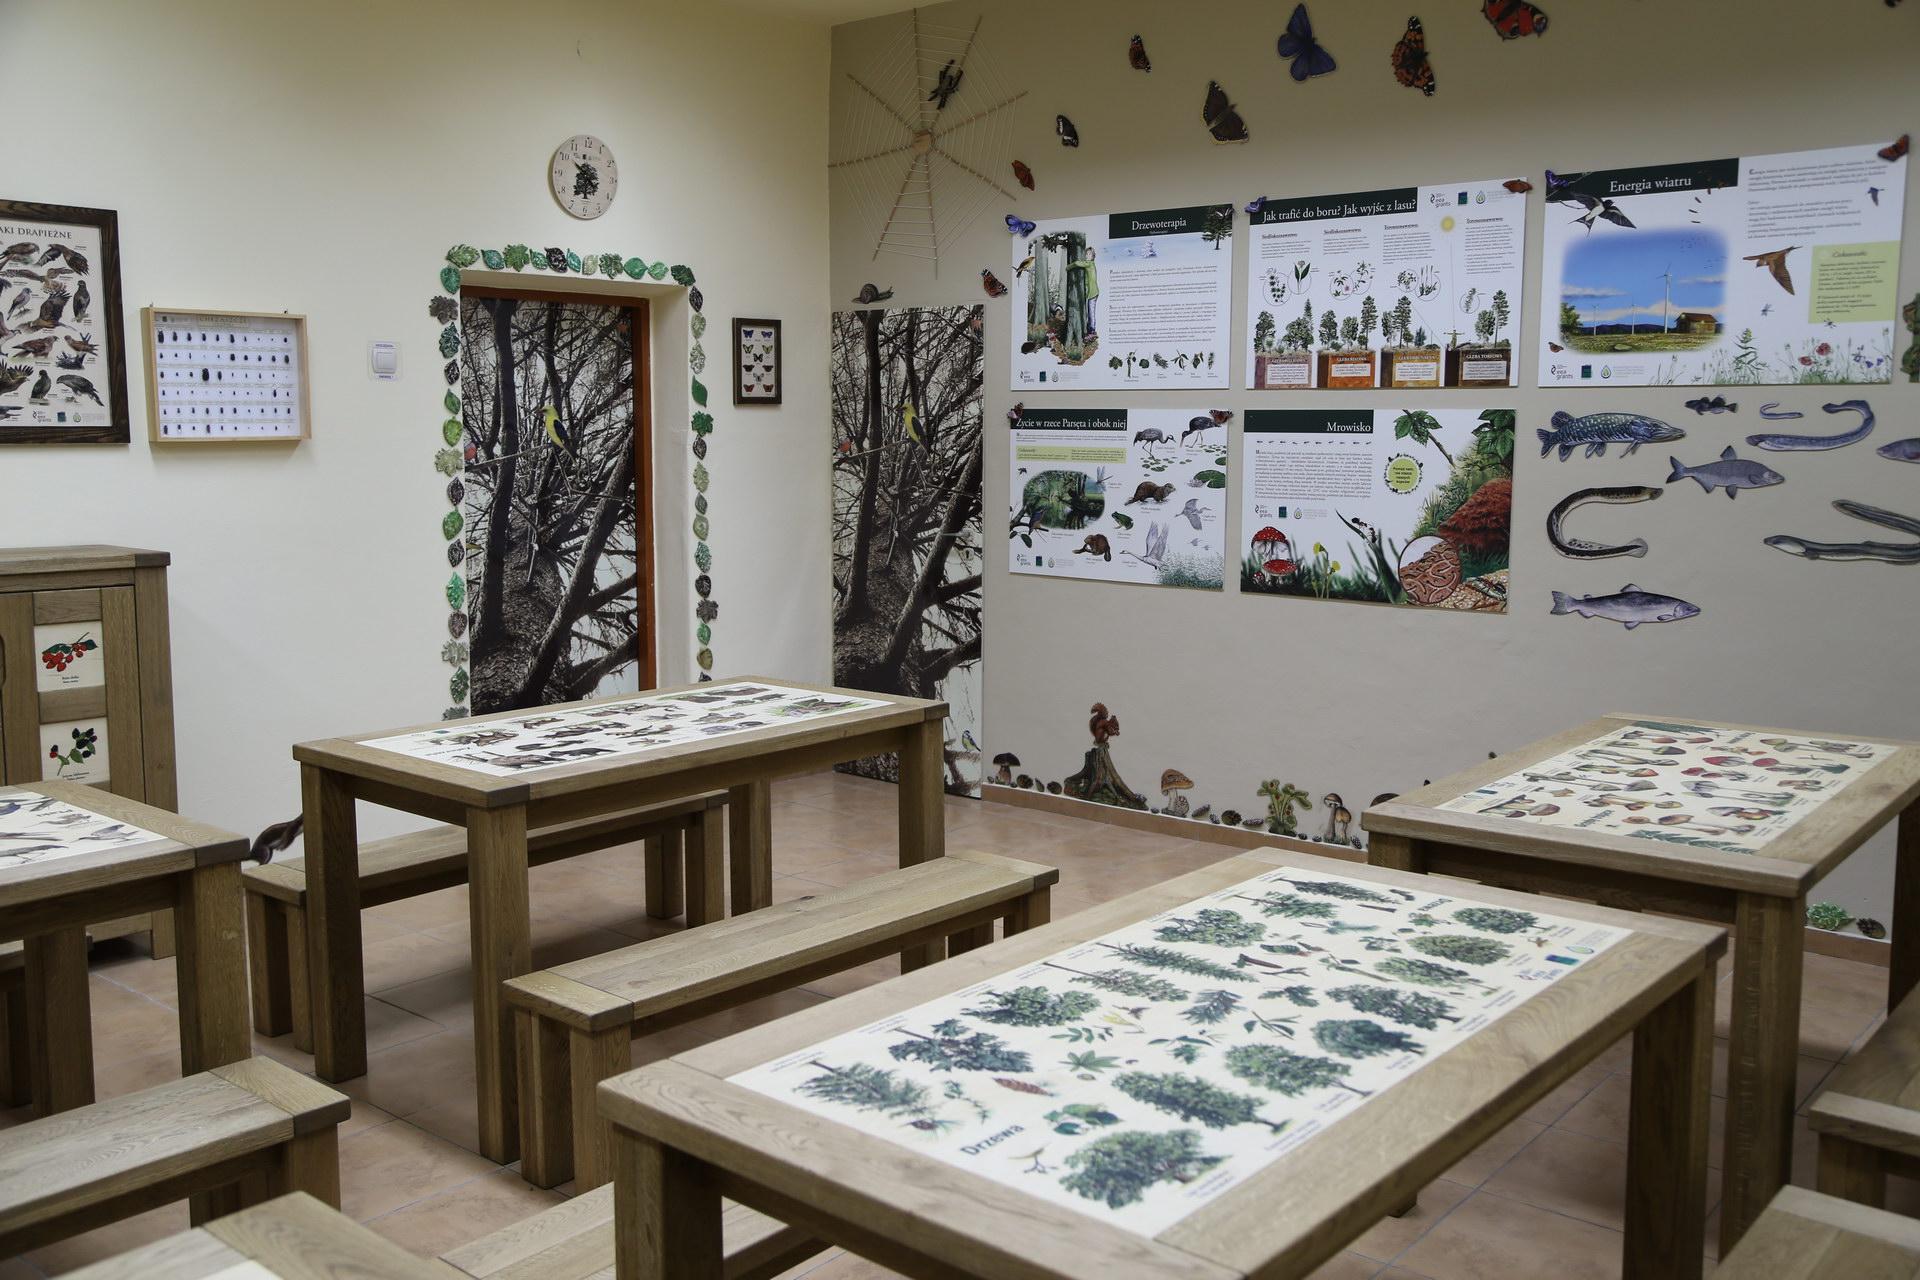 Izby edukacyjne lesne - sale przyrodnicze, wystroj wnetrz - ZS w Ustroniu Morskim (1)